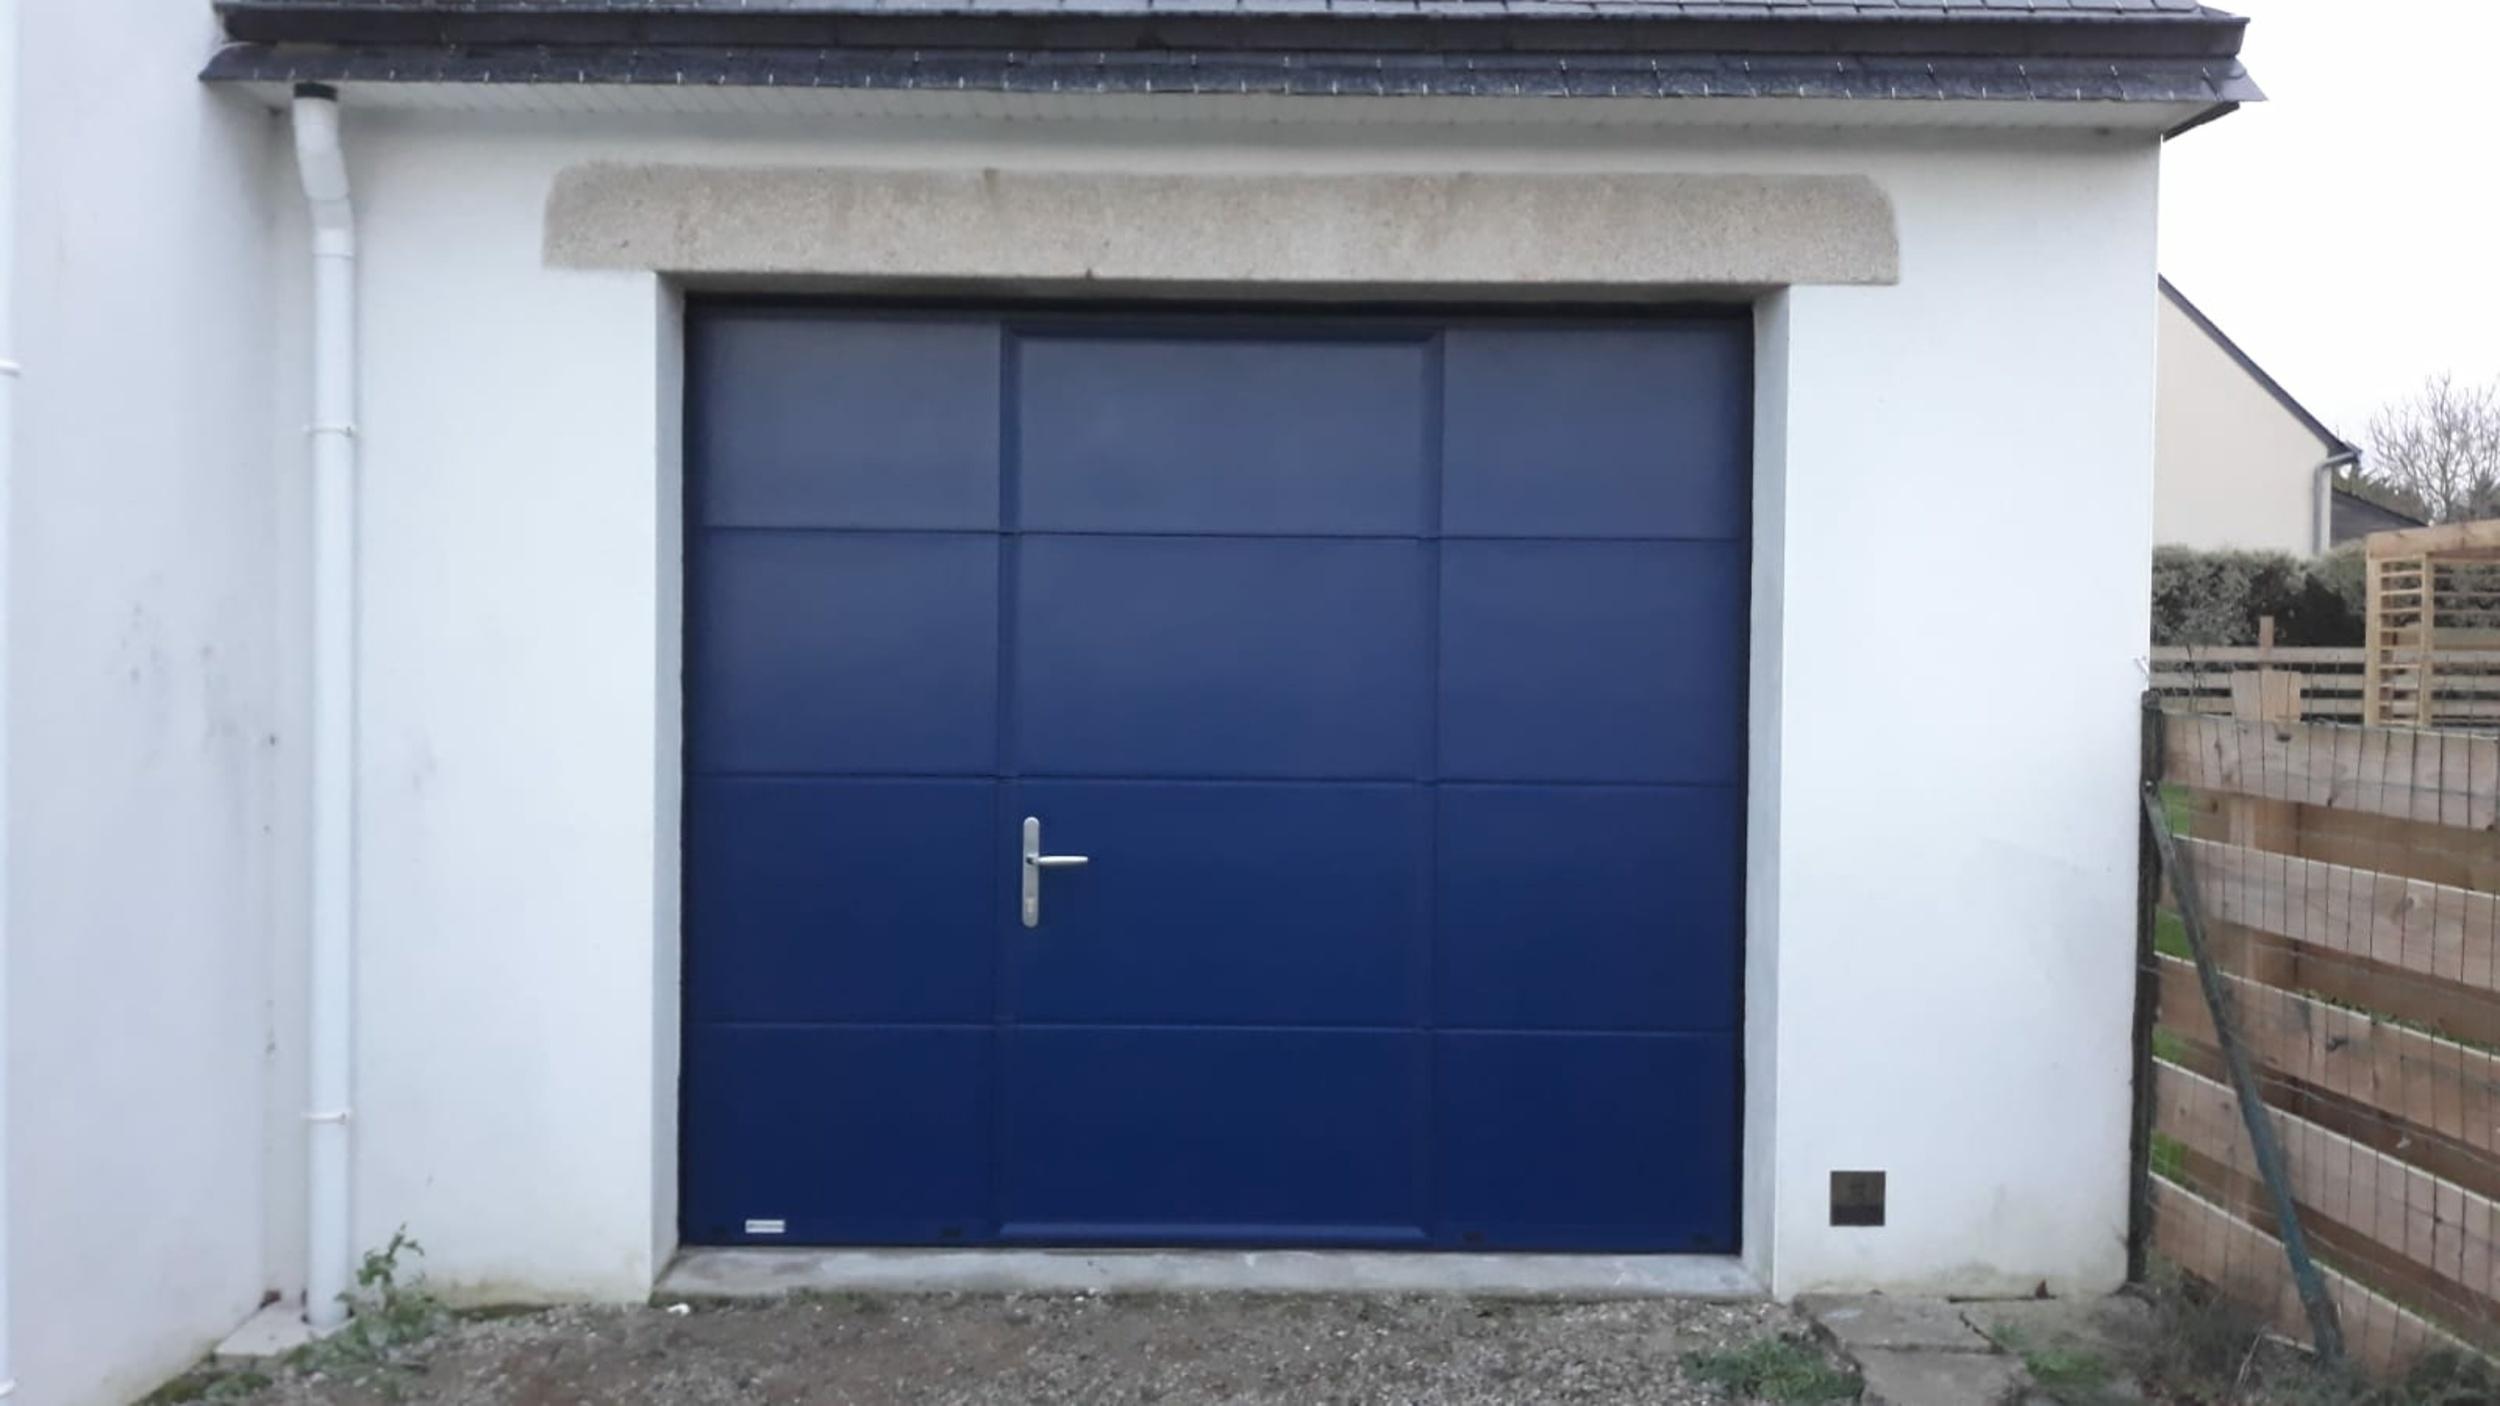 Porte de garage à refoulement plafond - portillon piéton - Pouhinec